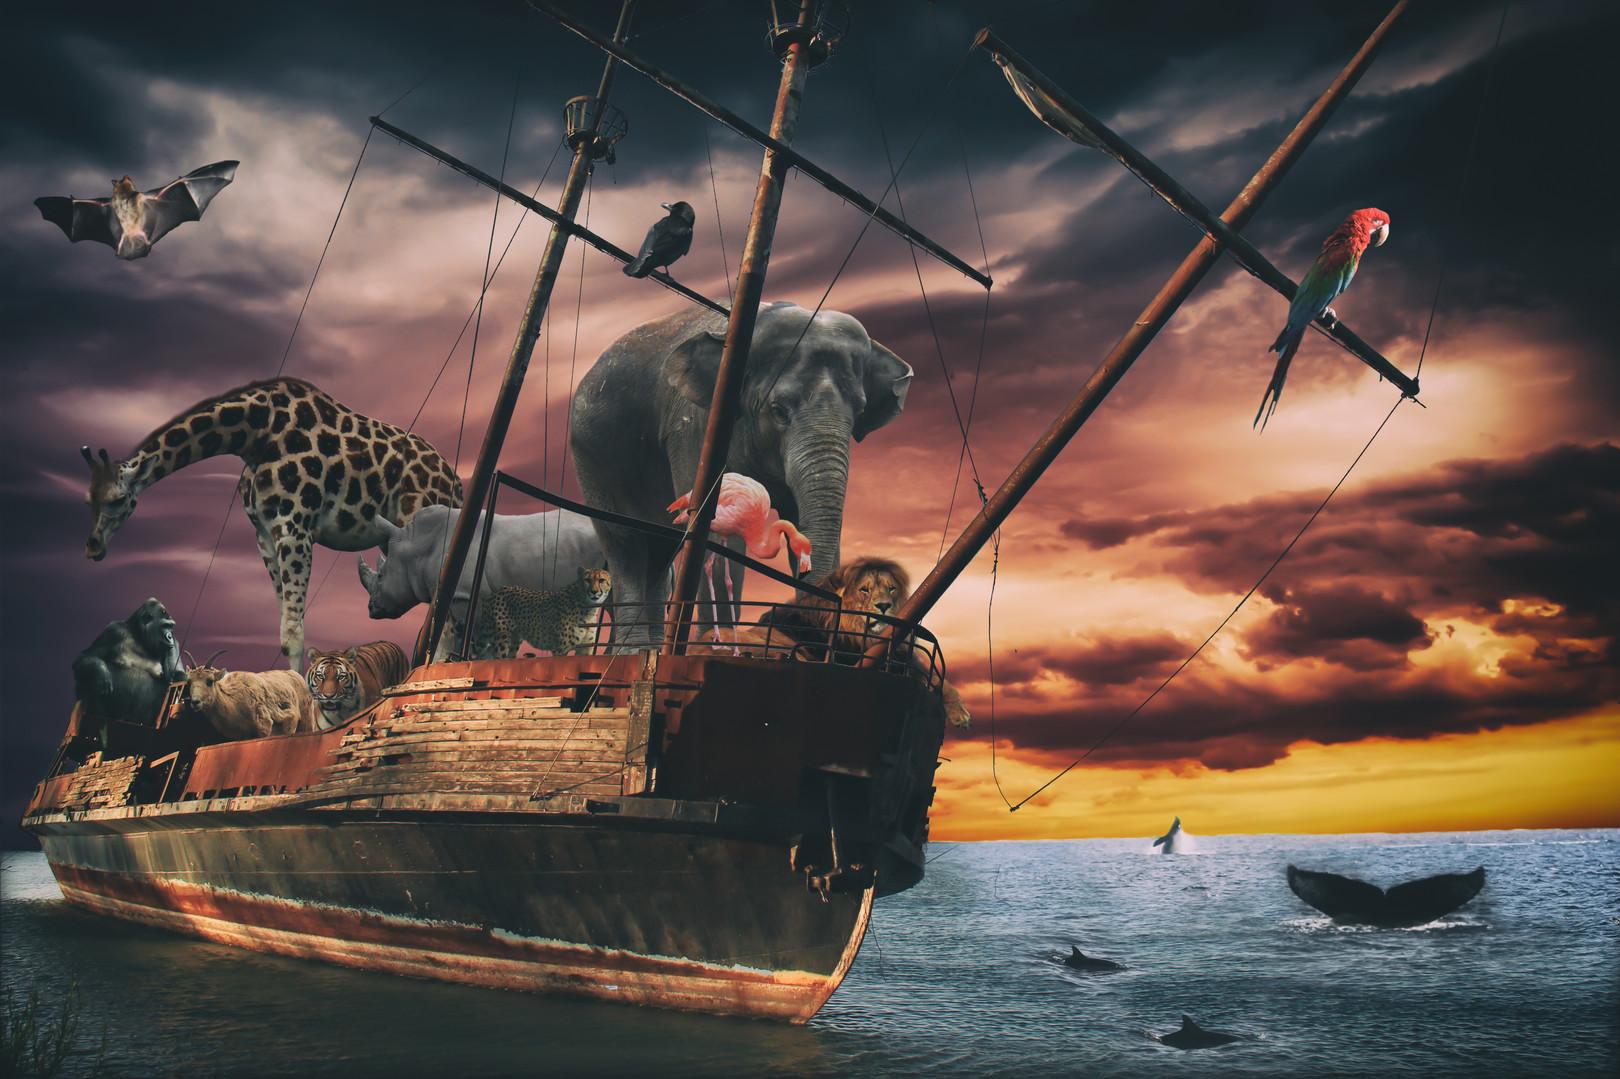 Noahs Ark Fantasy Animal Ship. Several e